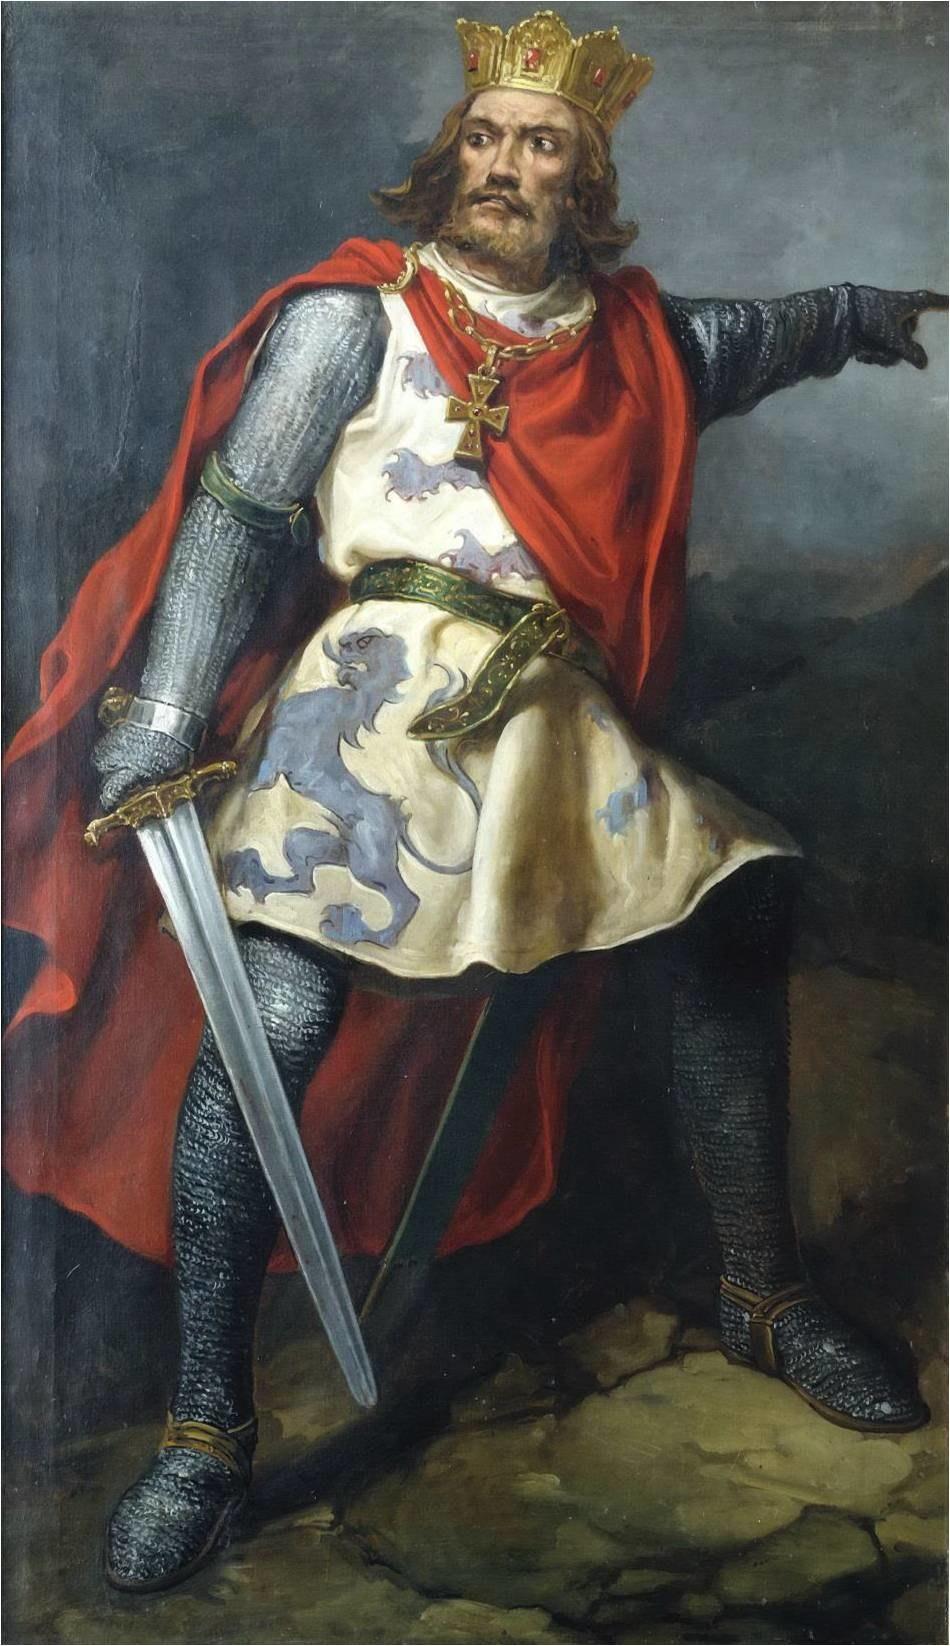 Bermudo III de León (Ayuntamiento de León)